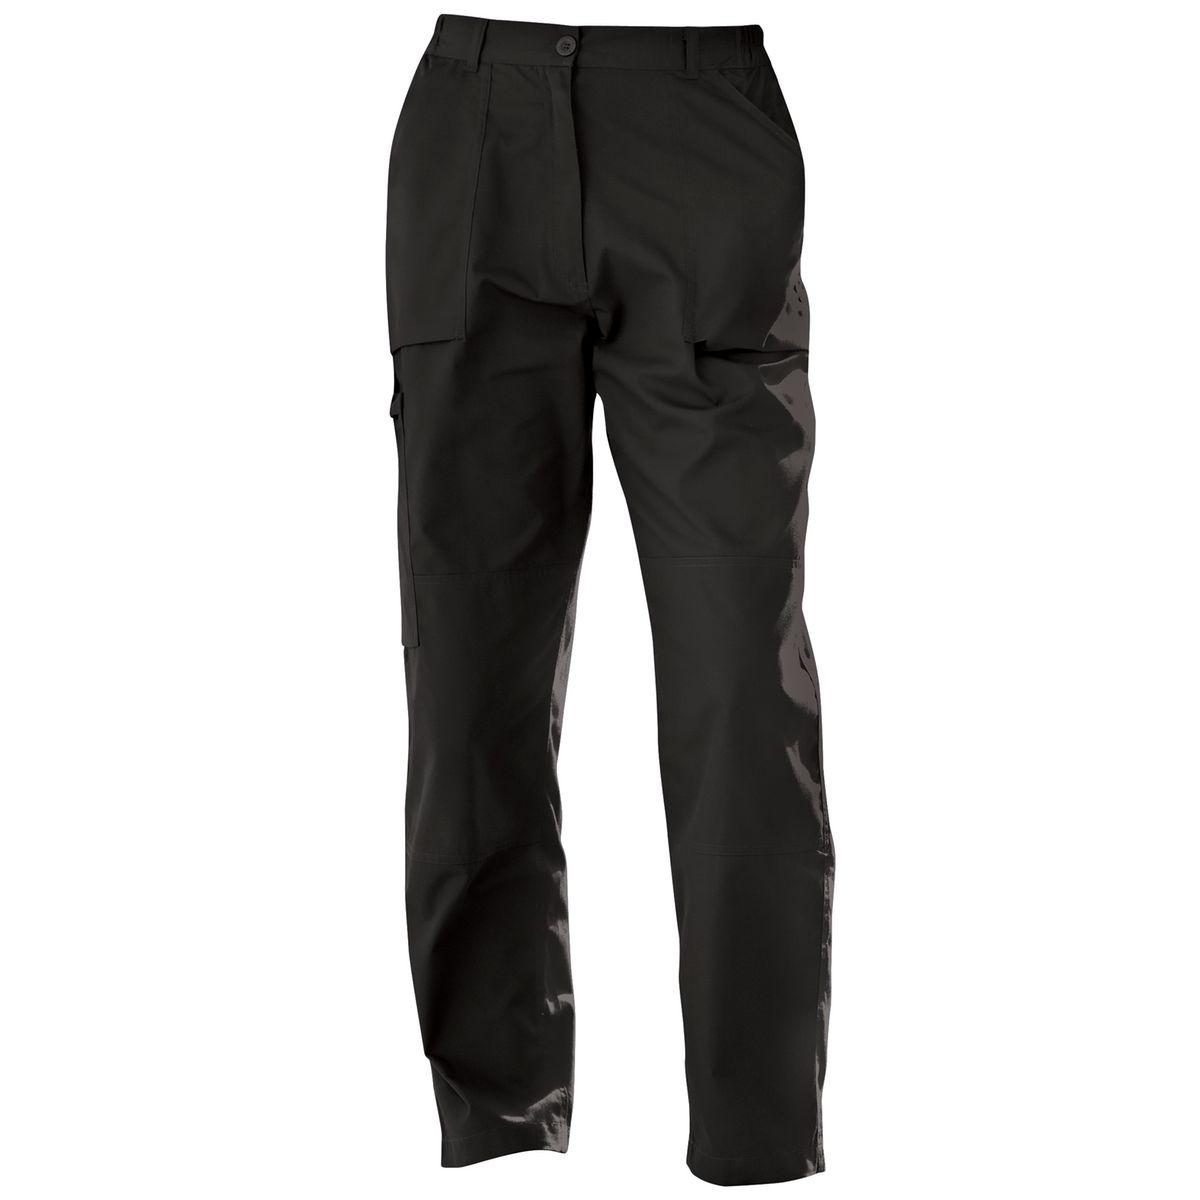 Pantalon de randonnée, coupe régulière